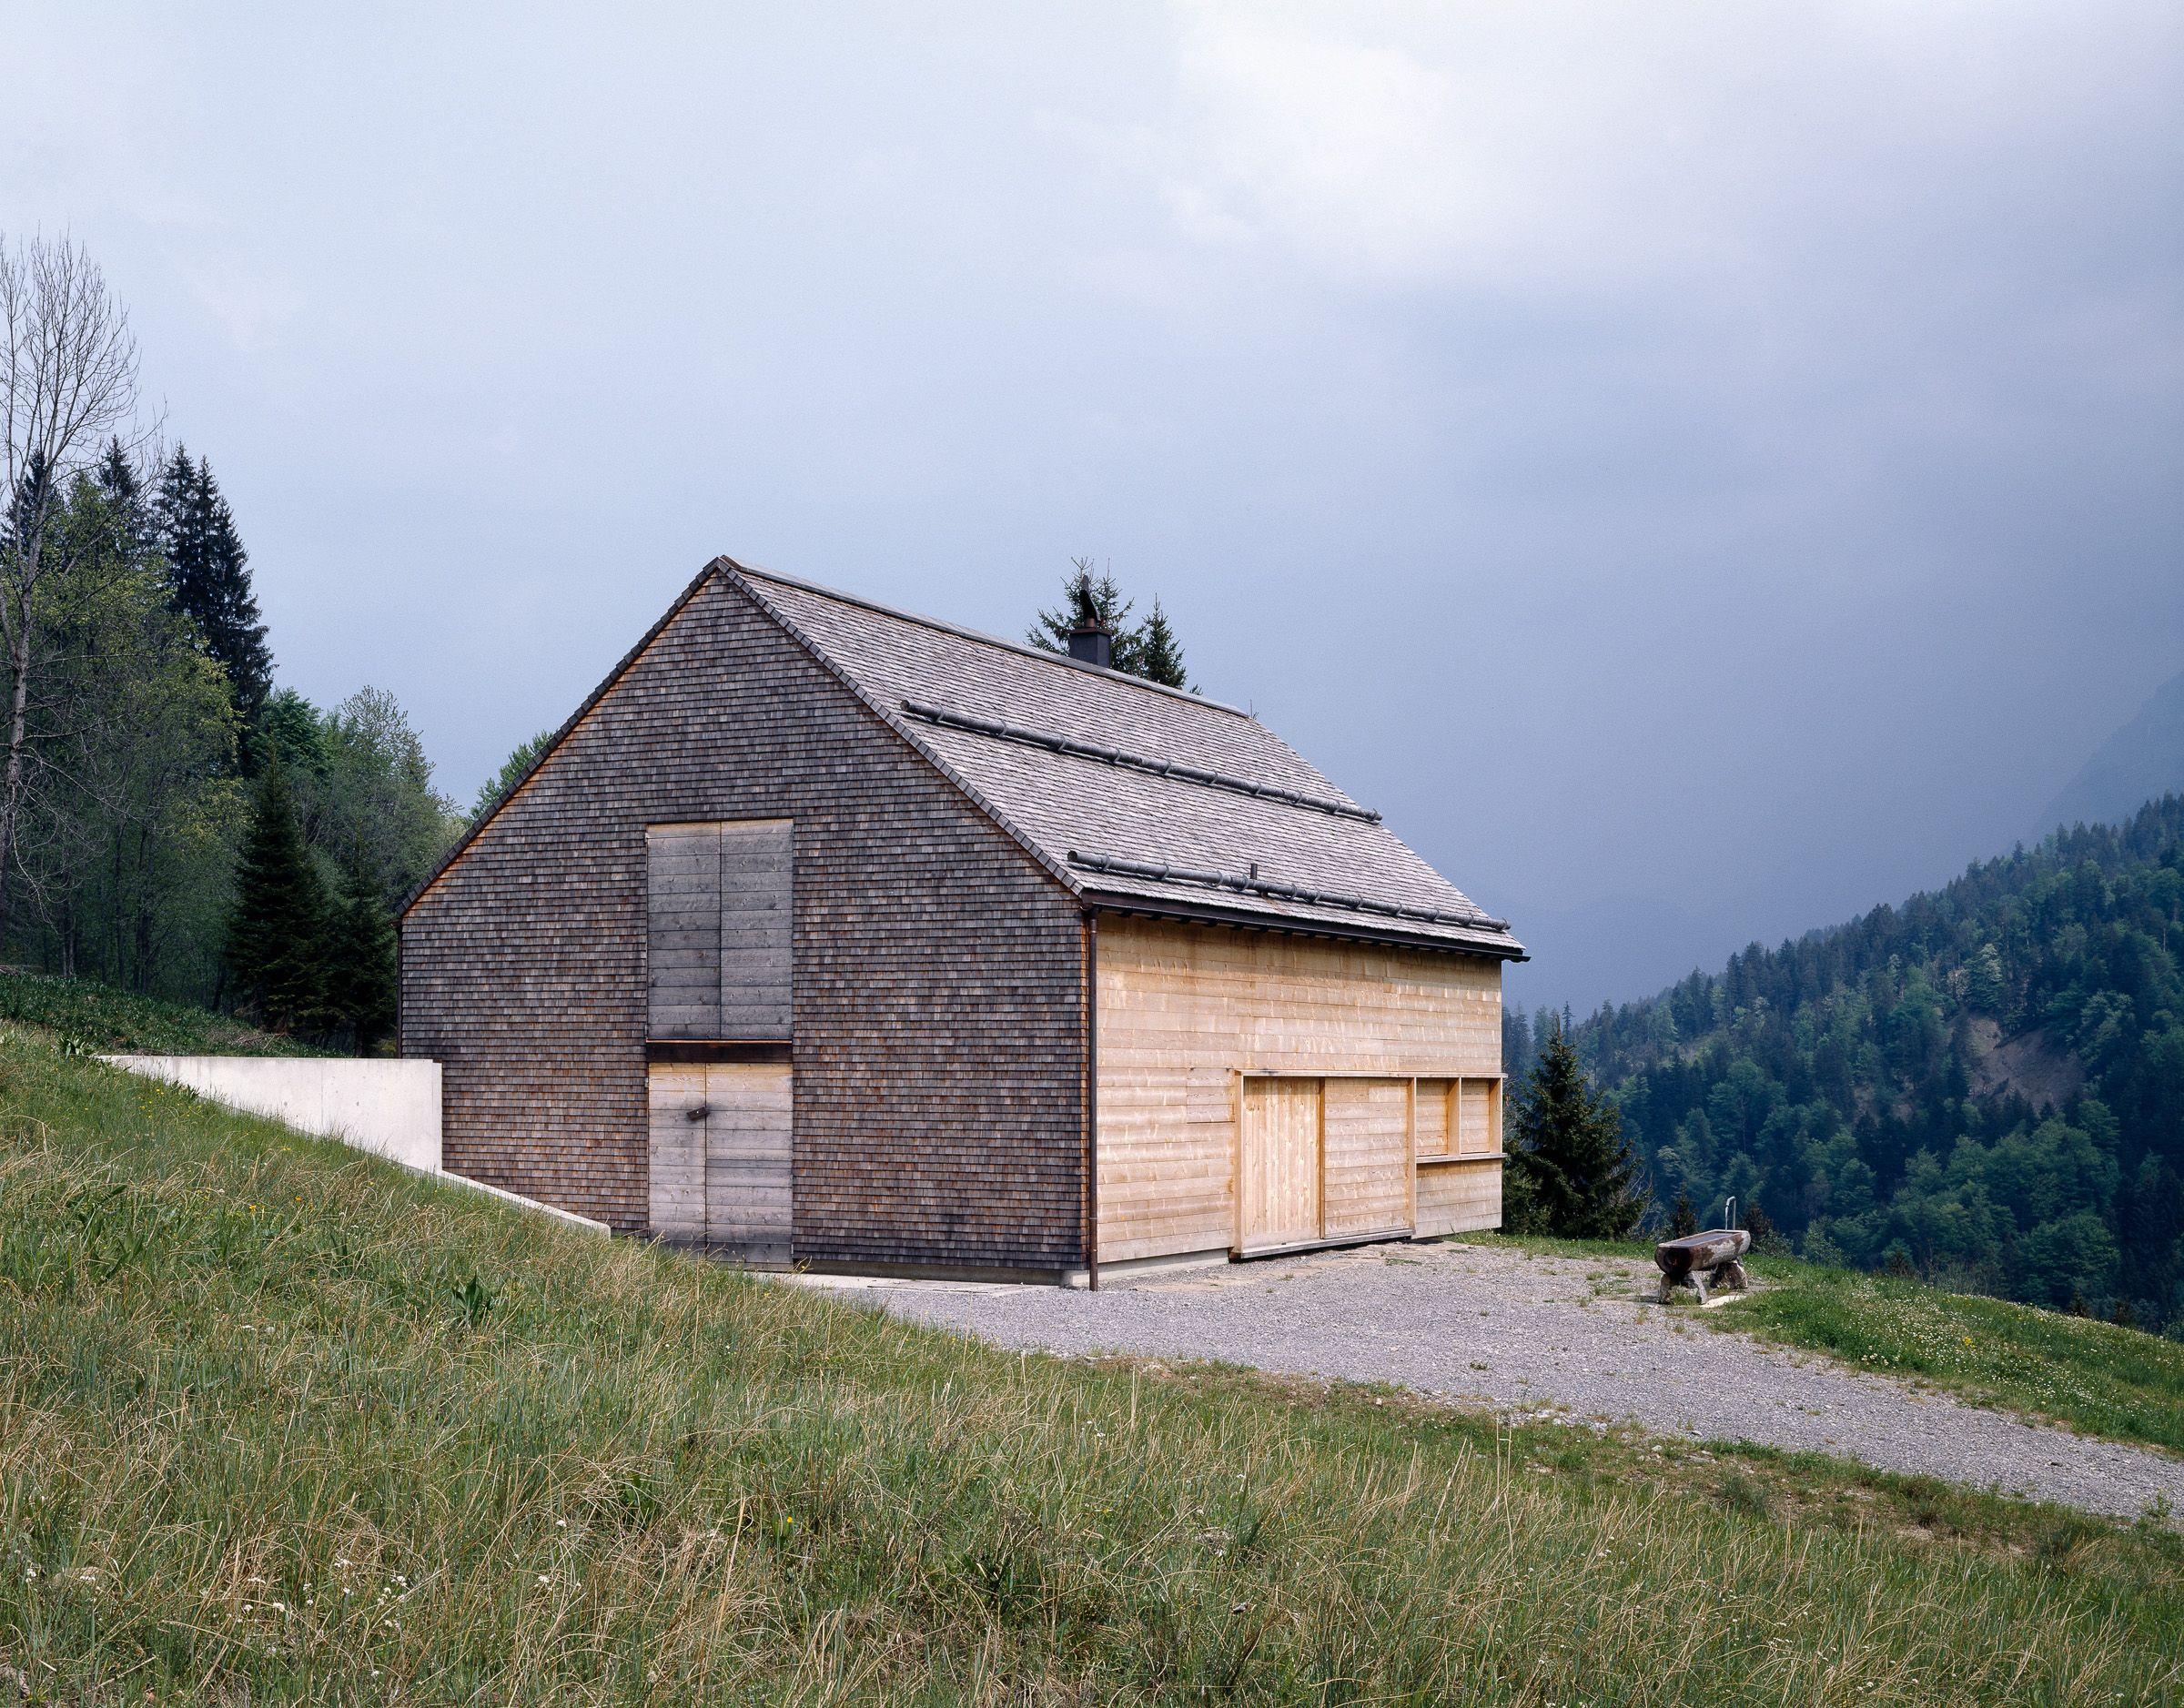 Elma Alp, Vorsäß | Architekten Hermann Kaufmann ZT GmbH